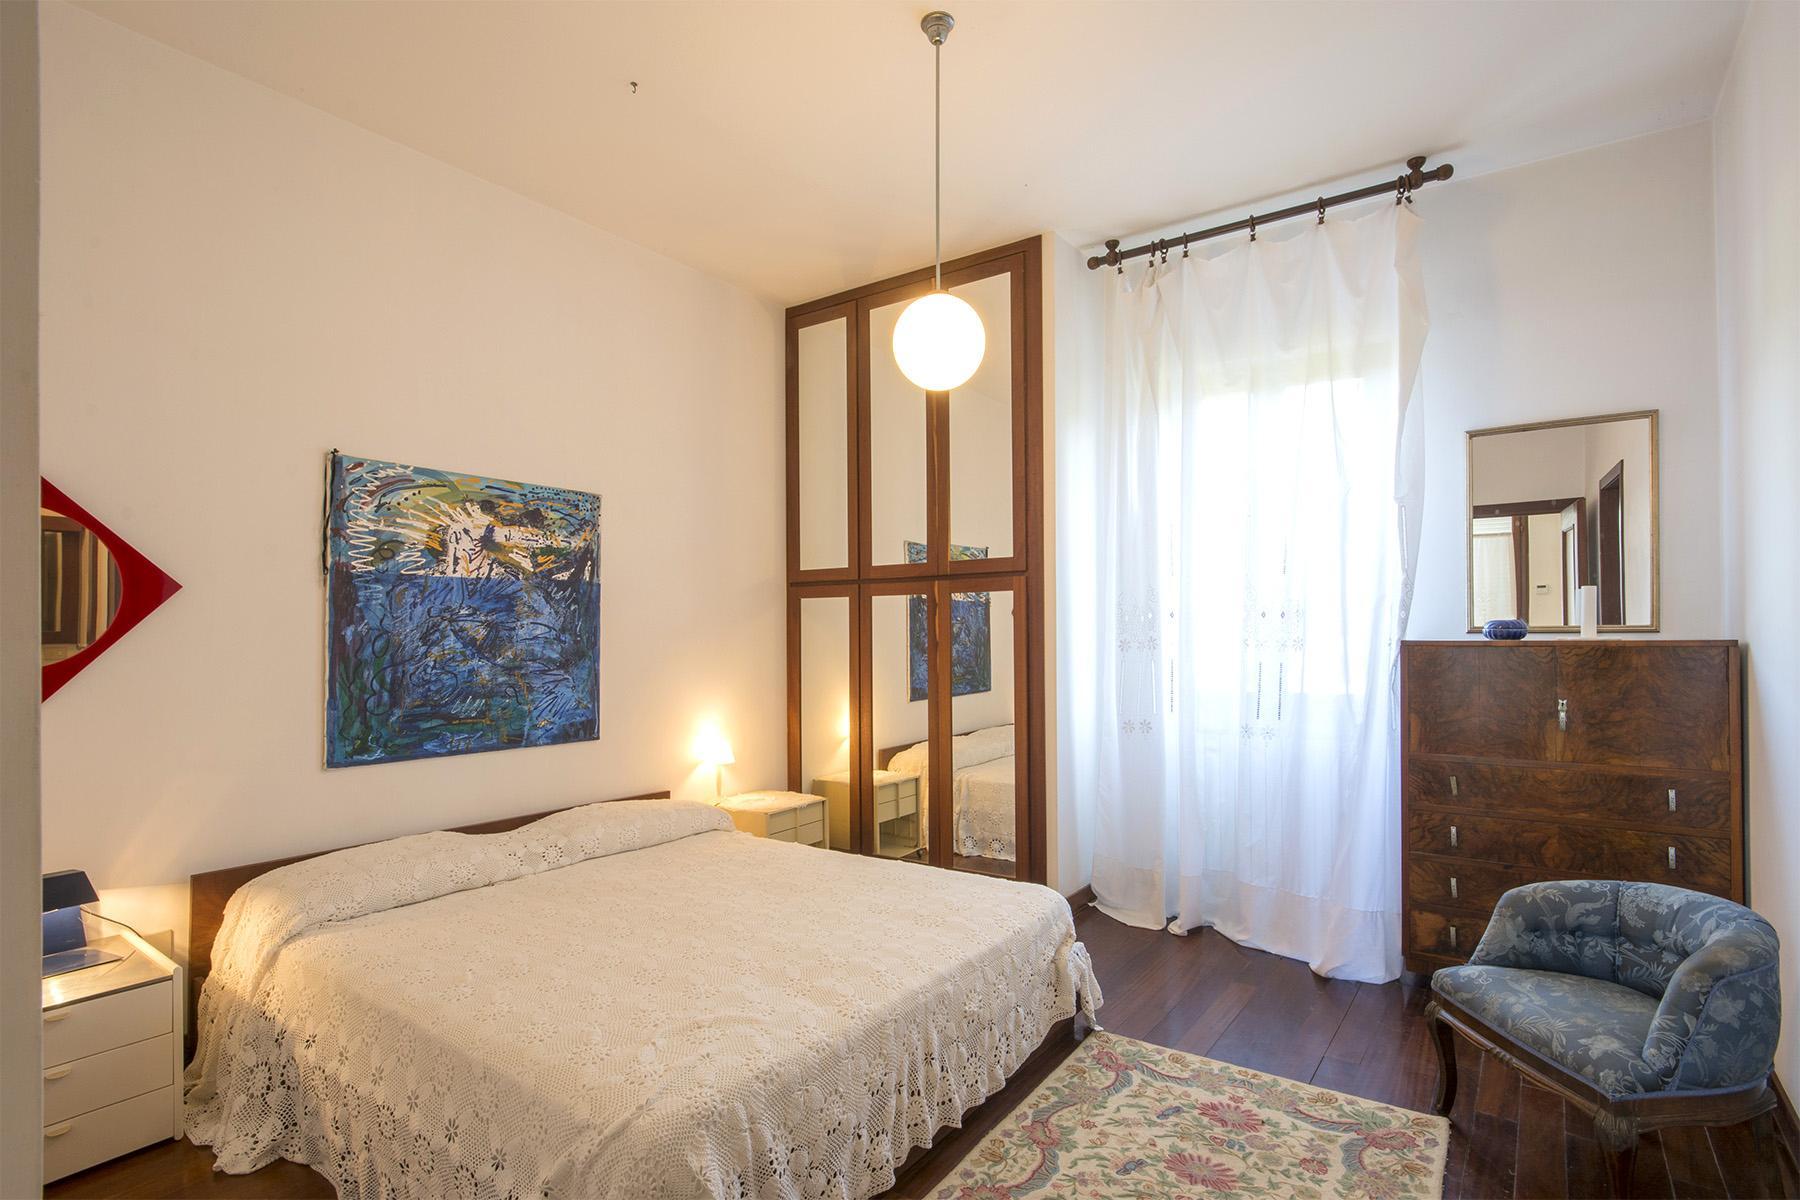 Villa in collina vista mare, nei pressi di Castiglioncello - 31